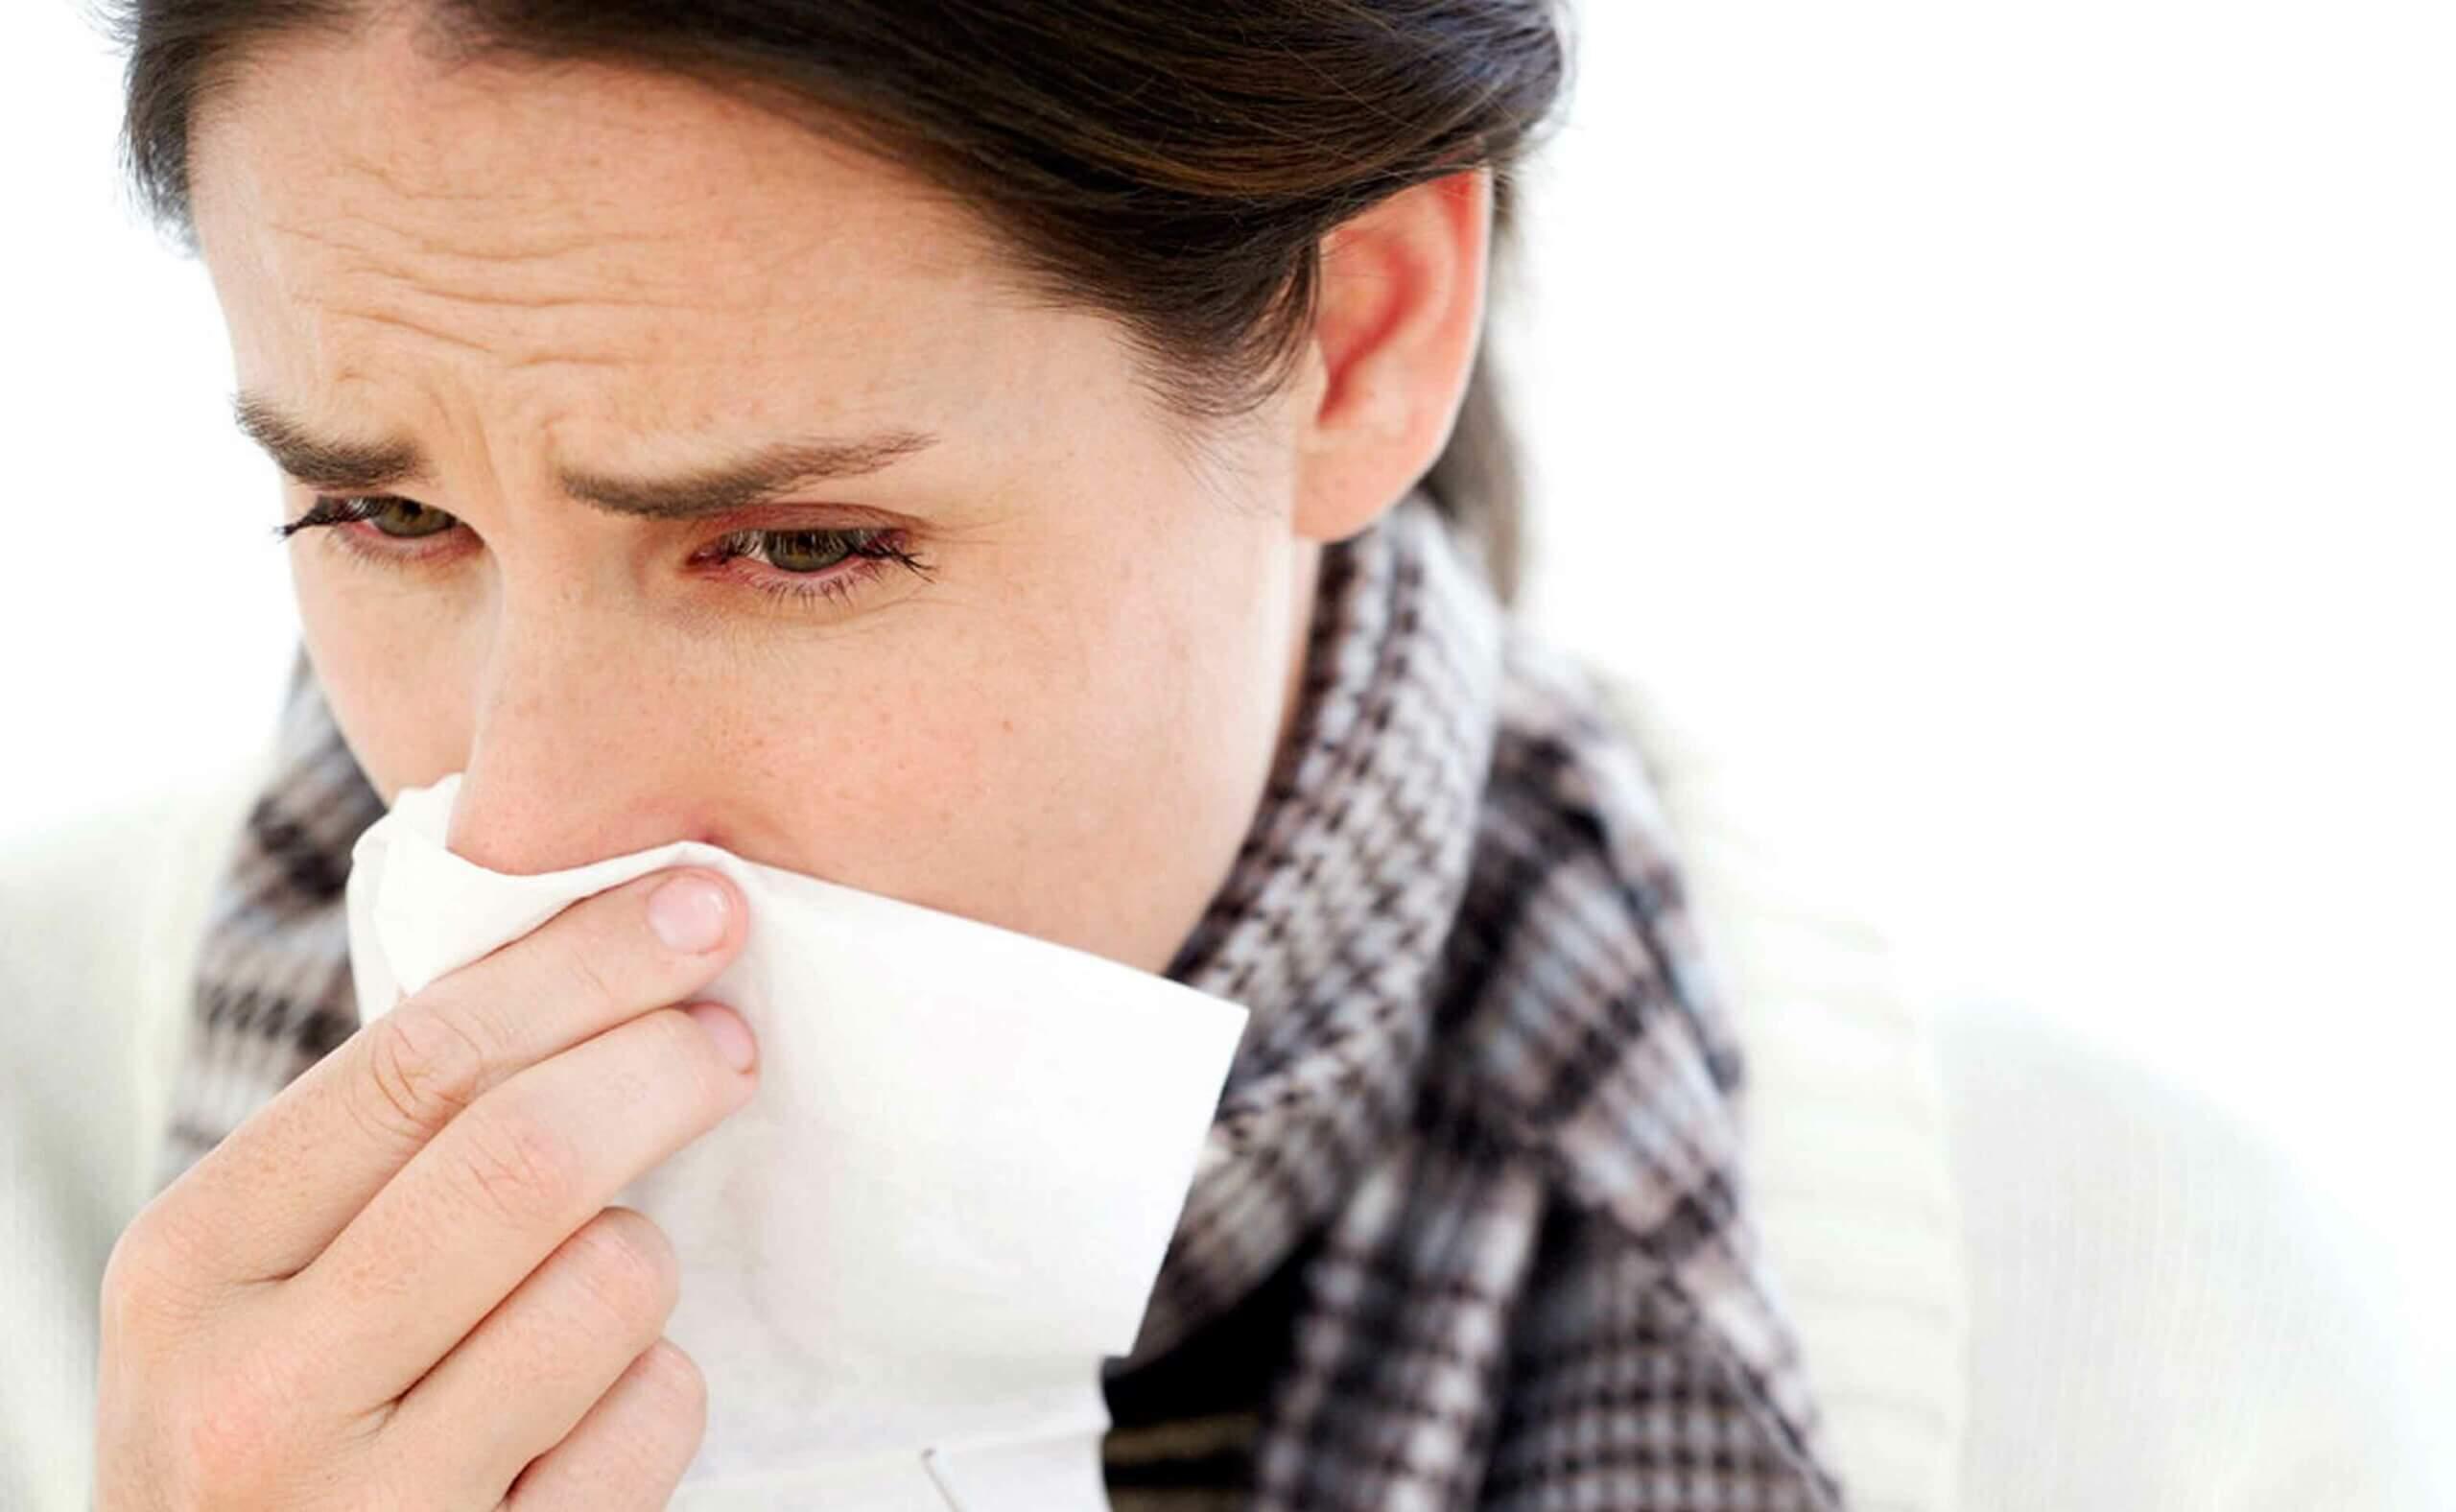 감기 및 기타 호흡기 질환과 싸우는 약용 식물